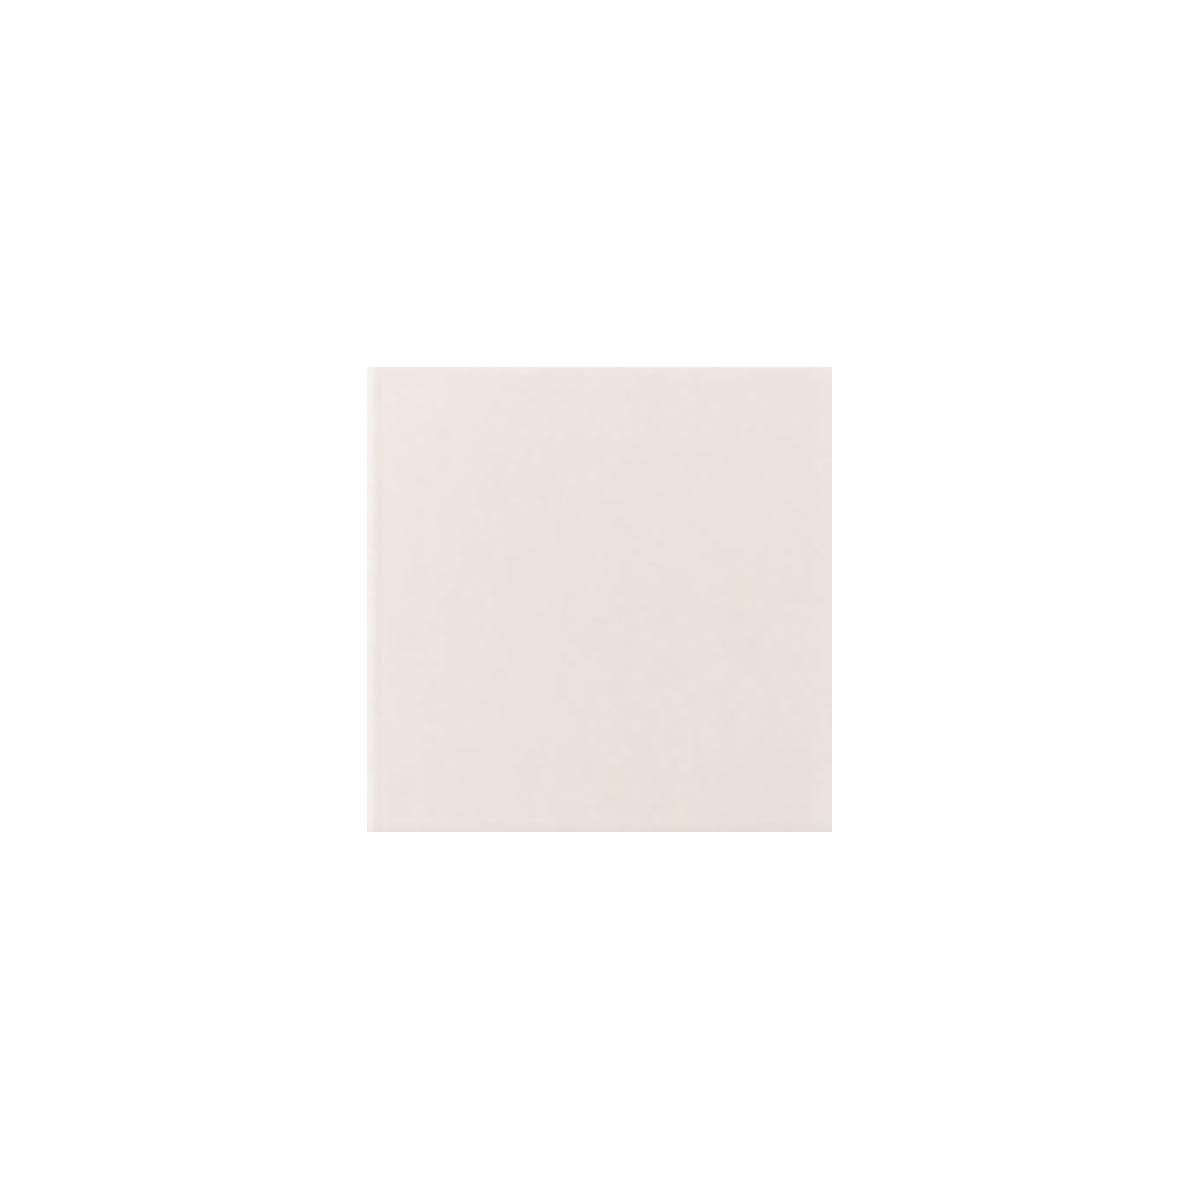 Color Blanco Brillo - Colección Colores Brillo - Marca Mainzu